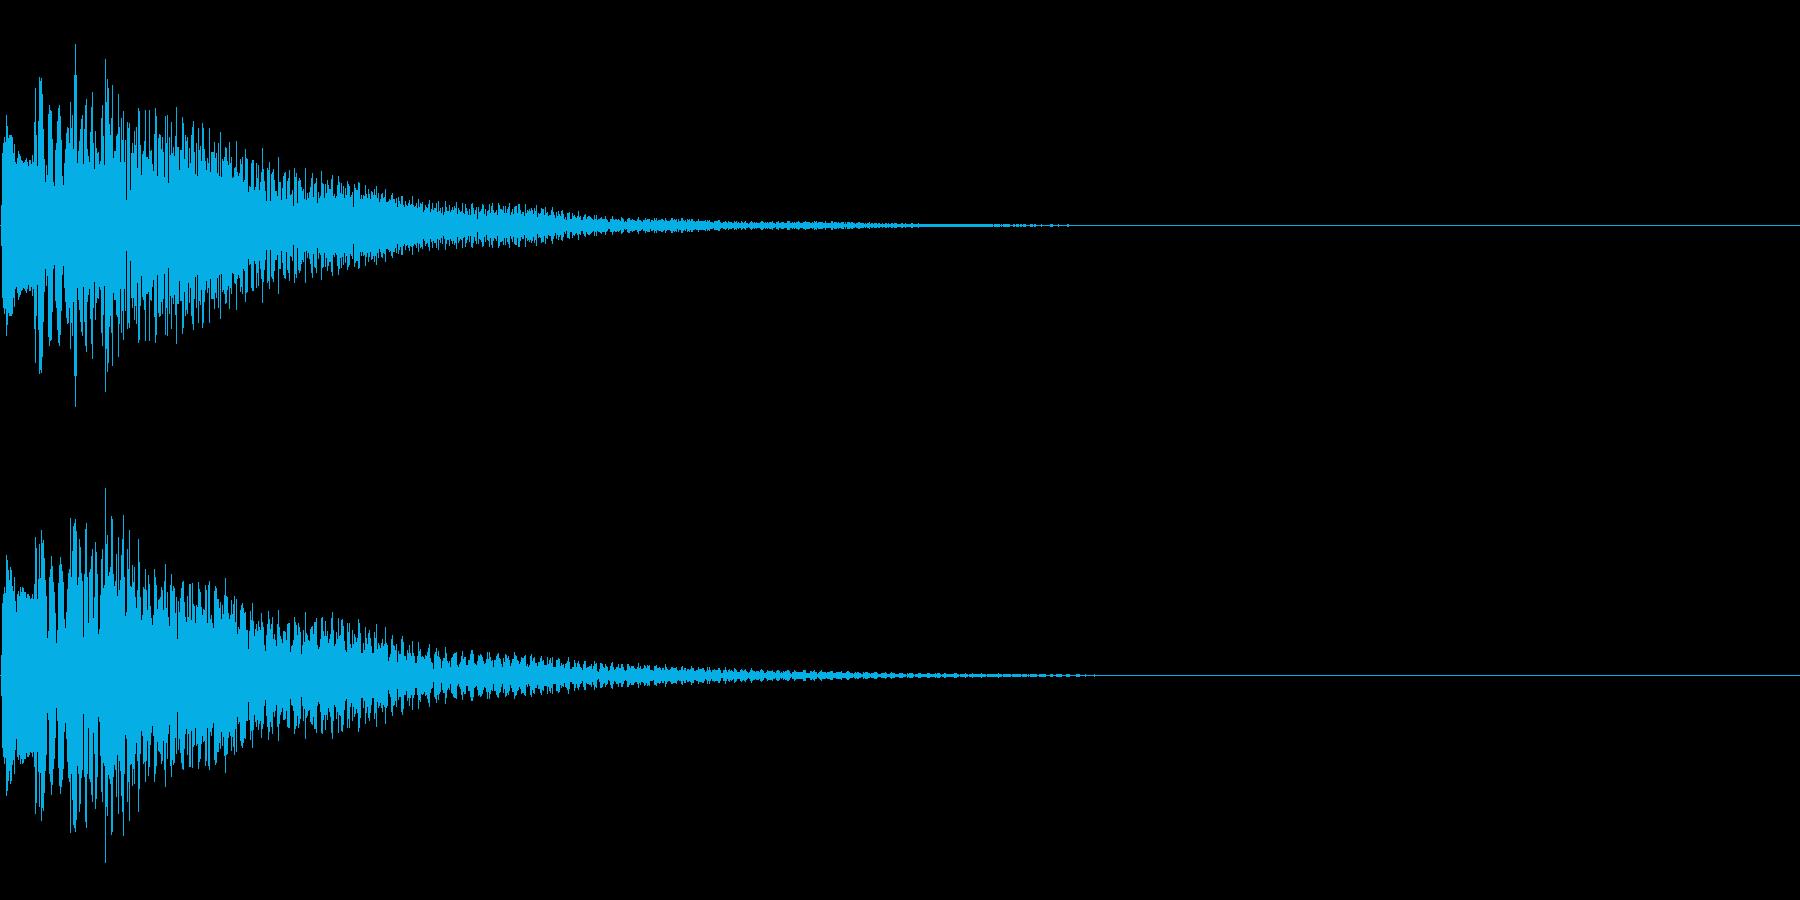 アイテム取得音の再生済みの波形